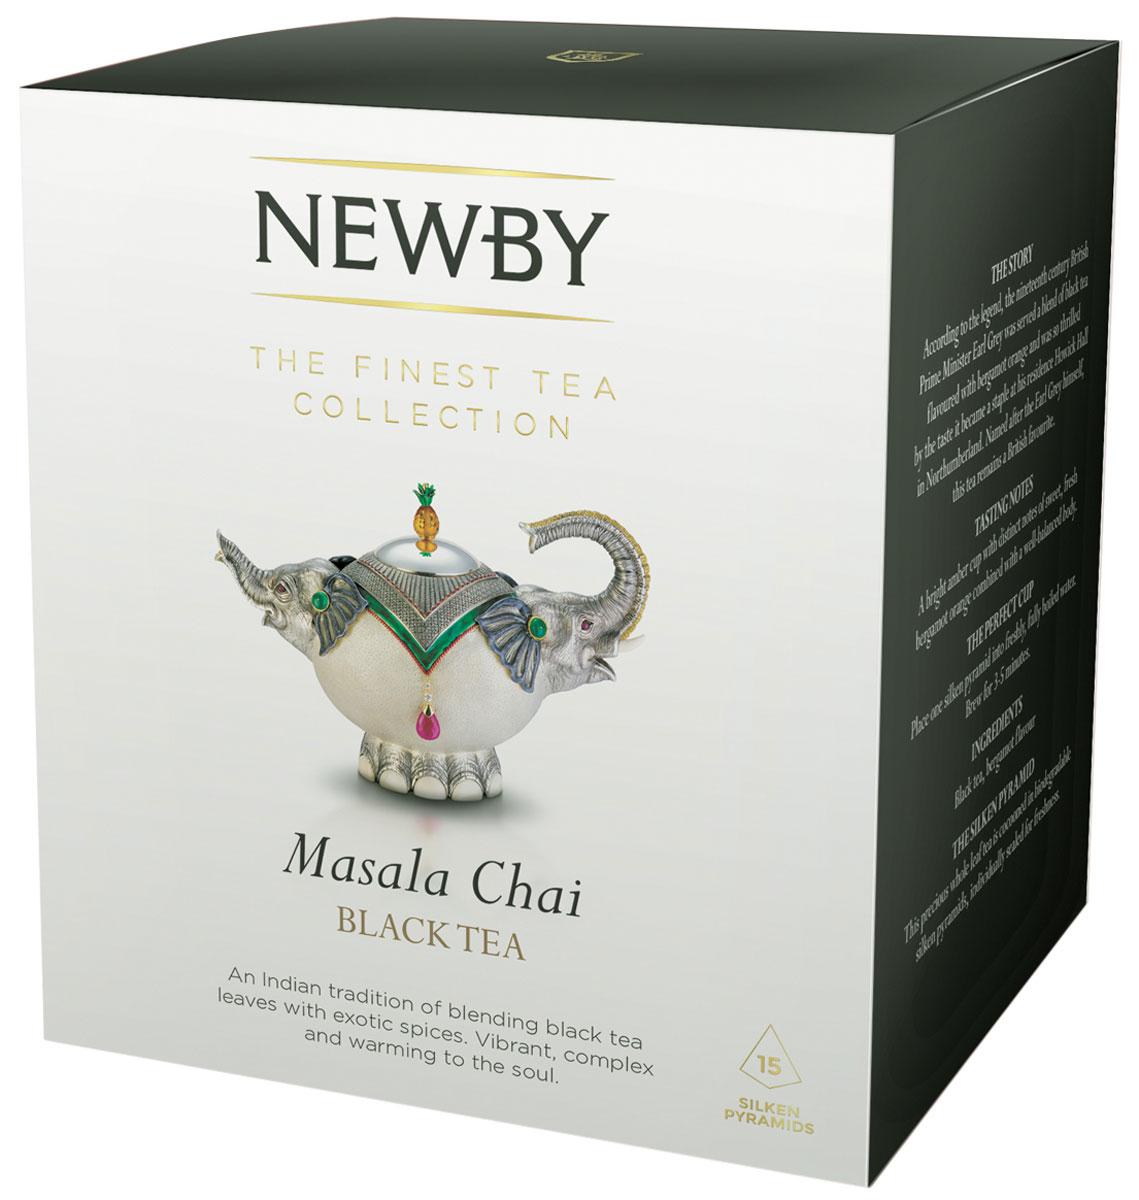 Newby Masala Chai черный листовой чай со специями в пирамидках, 15 шт newby masala chai черный листовой чай со специями в пирамидках 15 шт